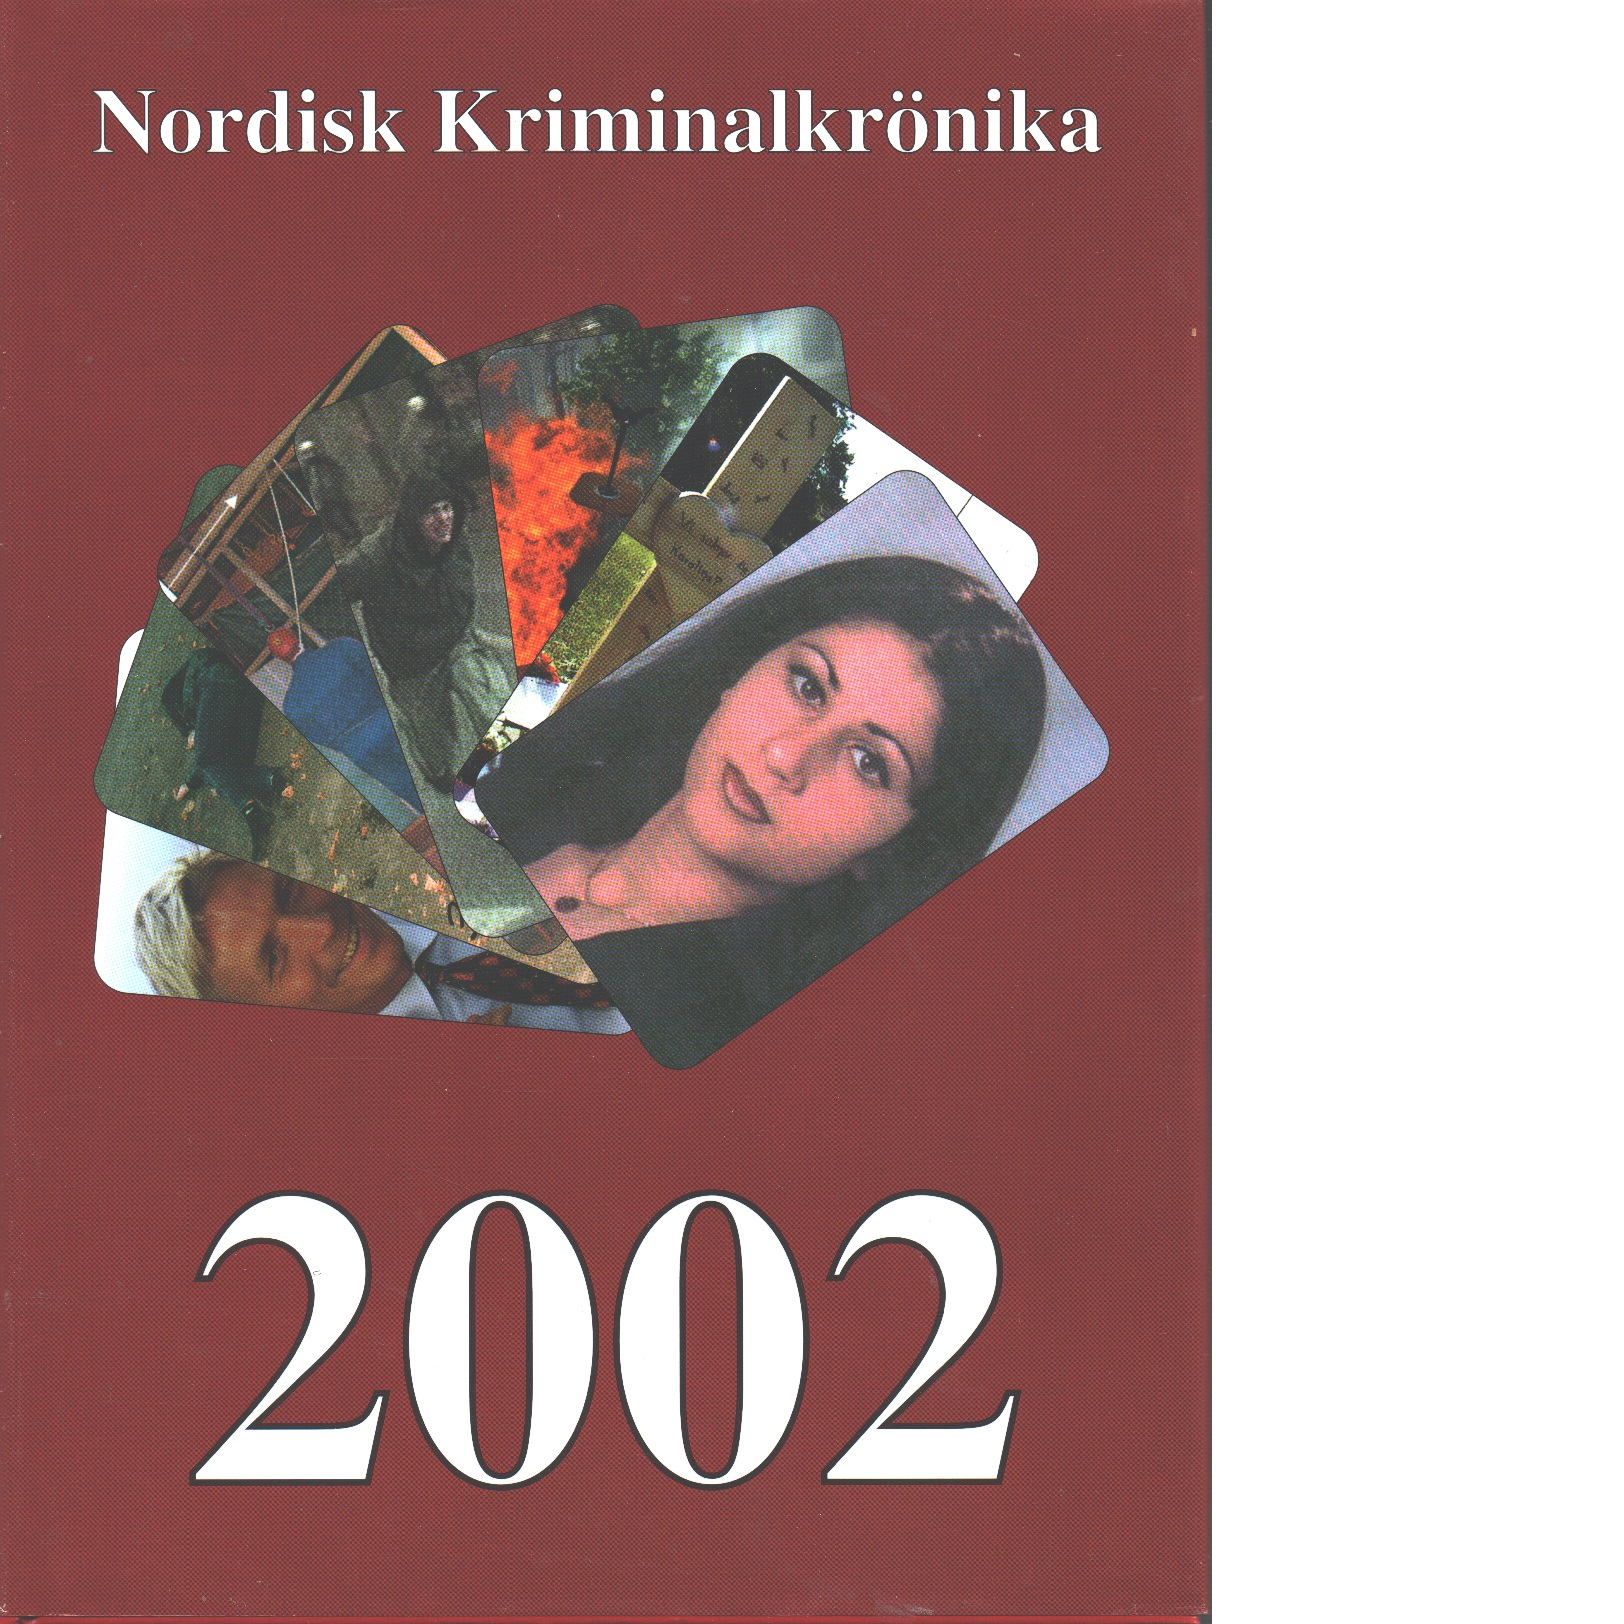 Nordisk kriminalkrönika 2002 - Red. Nordiska polisidrottsförbundet